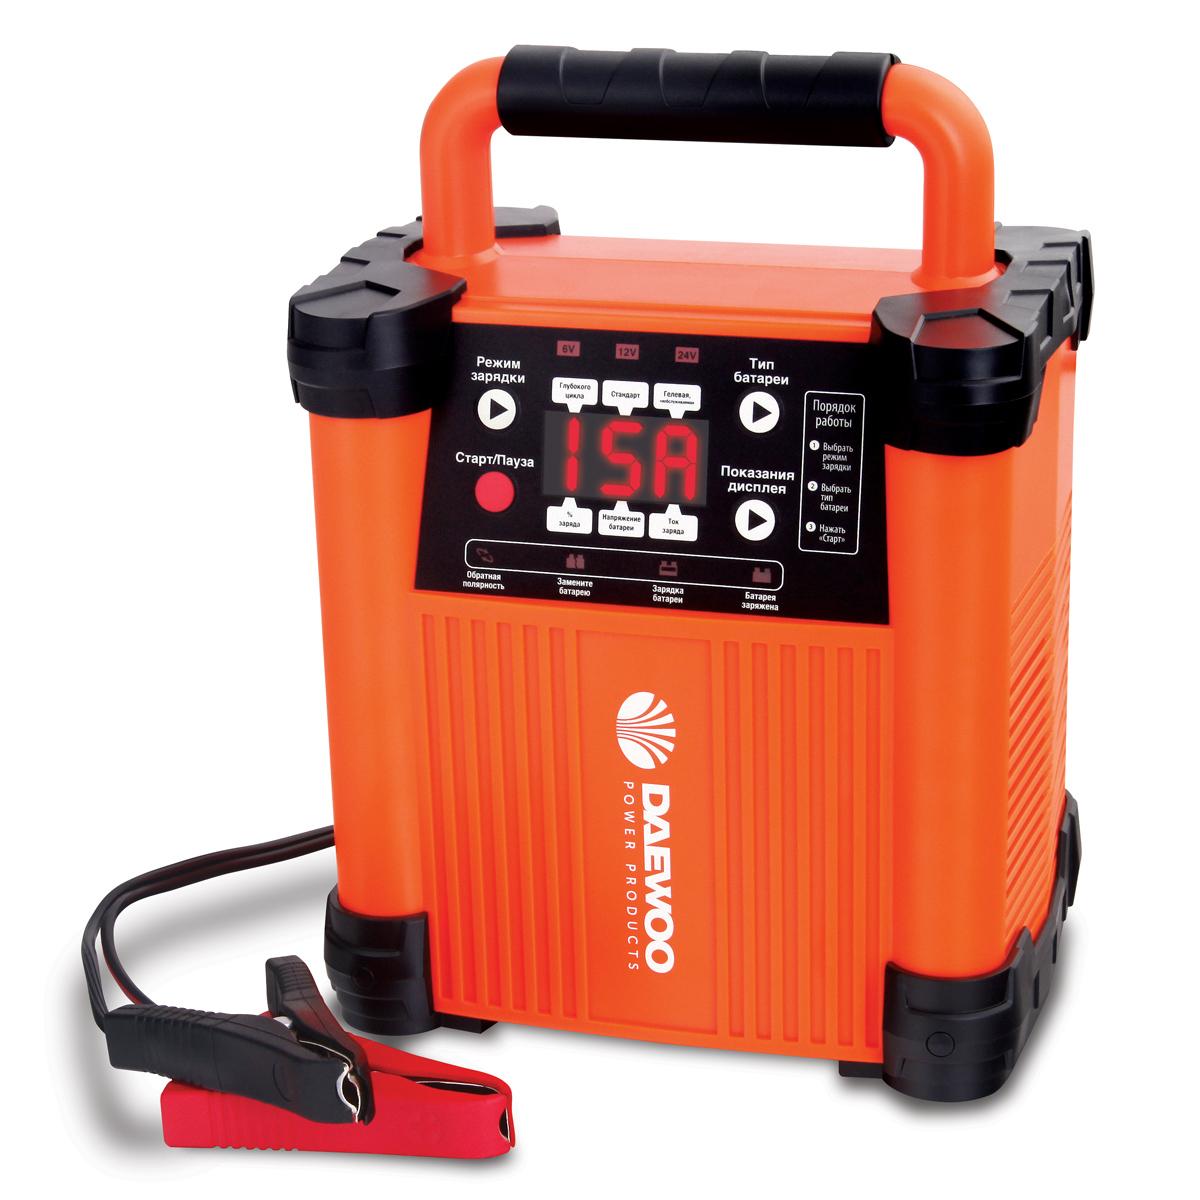 Интеллектуальное зарядное устройство Daewoo, 6/12/24 В. DW1500R0003911Зарядное устройство Daewoo - это простой в использовании аппарат, предназначенный для снабжения почти севших свинцово-кислотных аккумуляторов качественным электрическим зарядом. Эффективность и правильность данного процесса контролируется процессором 12 Bit ADC, который проводит диагностику подключаемой батареи, устанавливает подходящие рабочие параметры, а также сохраняет их для дальнейшей эксплуатации (в течение 12 часов). Устройство обладает высокопрочным корпусом закрытого типа, имеющим степень защиты IP20.Выходное напряжение: 6/12/24 ВЗарядный ток: 15 АЕмкость АКБ: до 300 А/чКоличество ступеней зарядки: 6Режим имитации АКБ: да Функция восстановления АКБ: даВстроенный тест АКБ: даВлагозащита: IP20Защита от перегрева: даРежим быстрого пуска: да